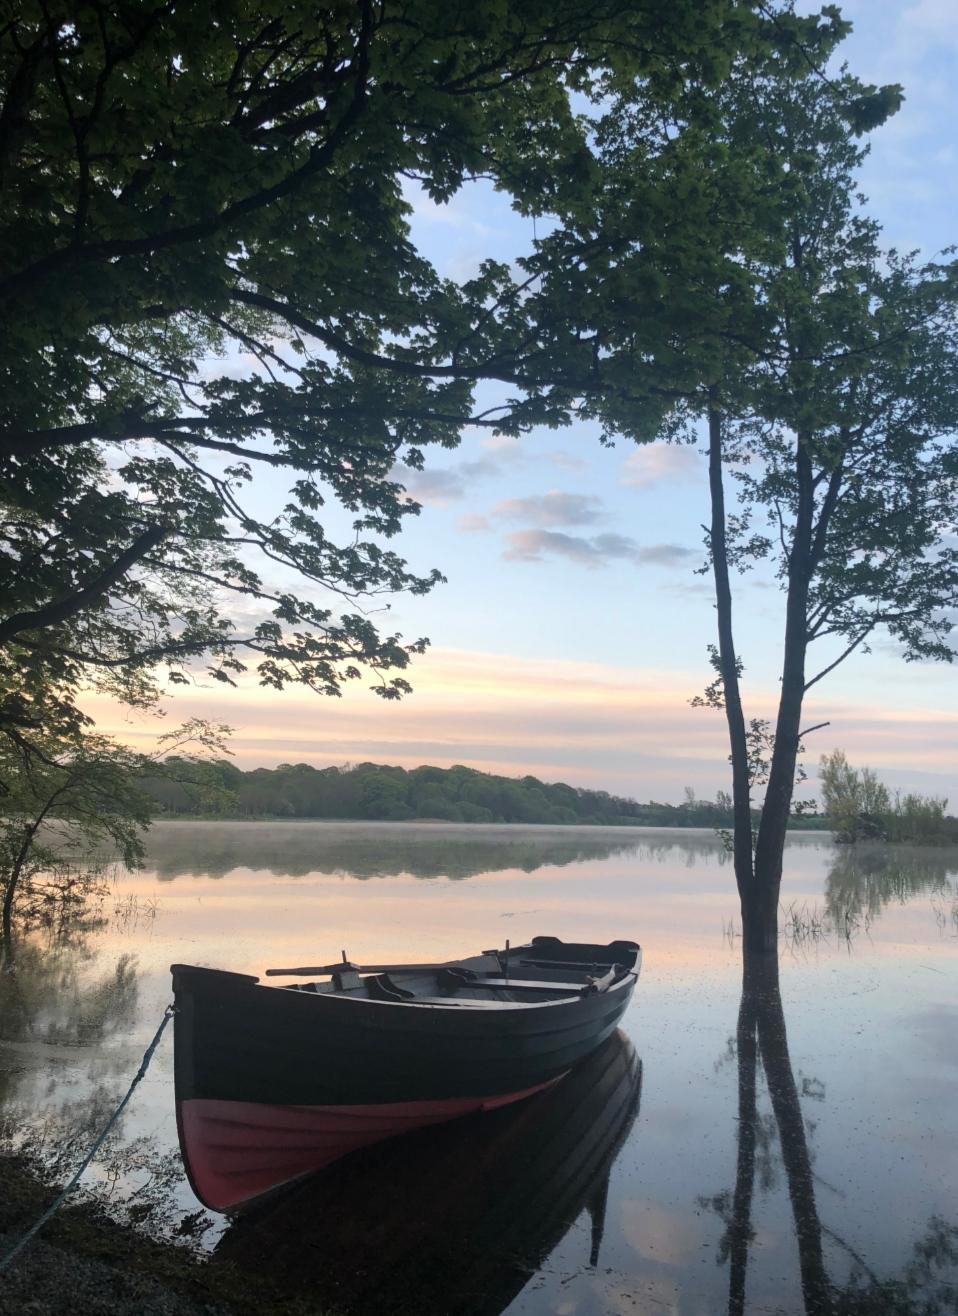 lake boat morning